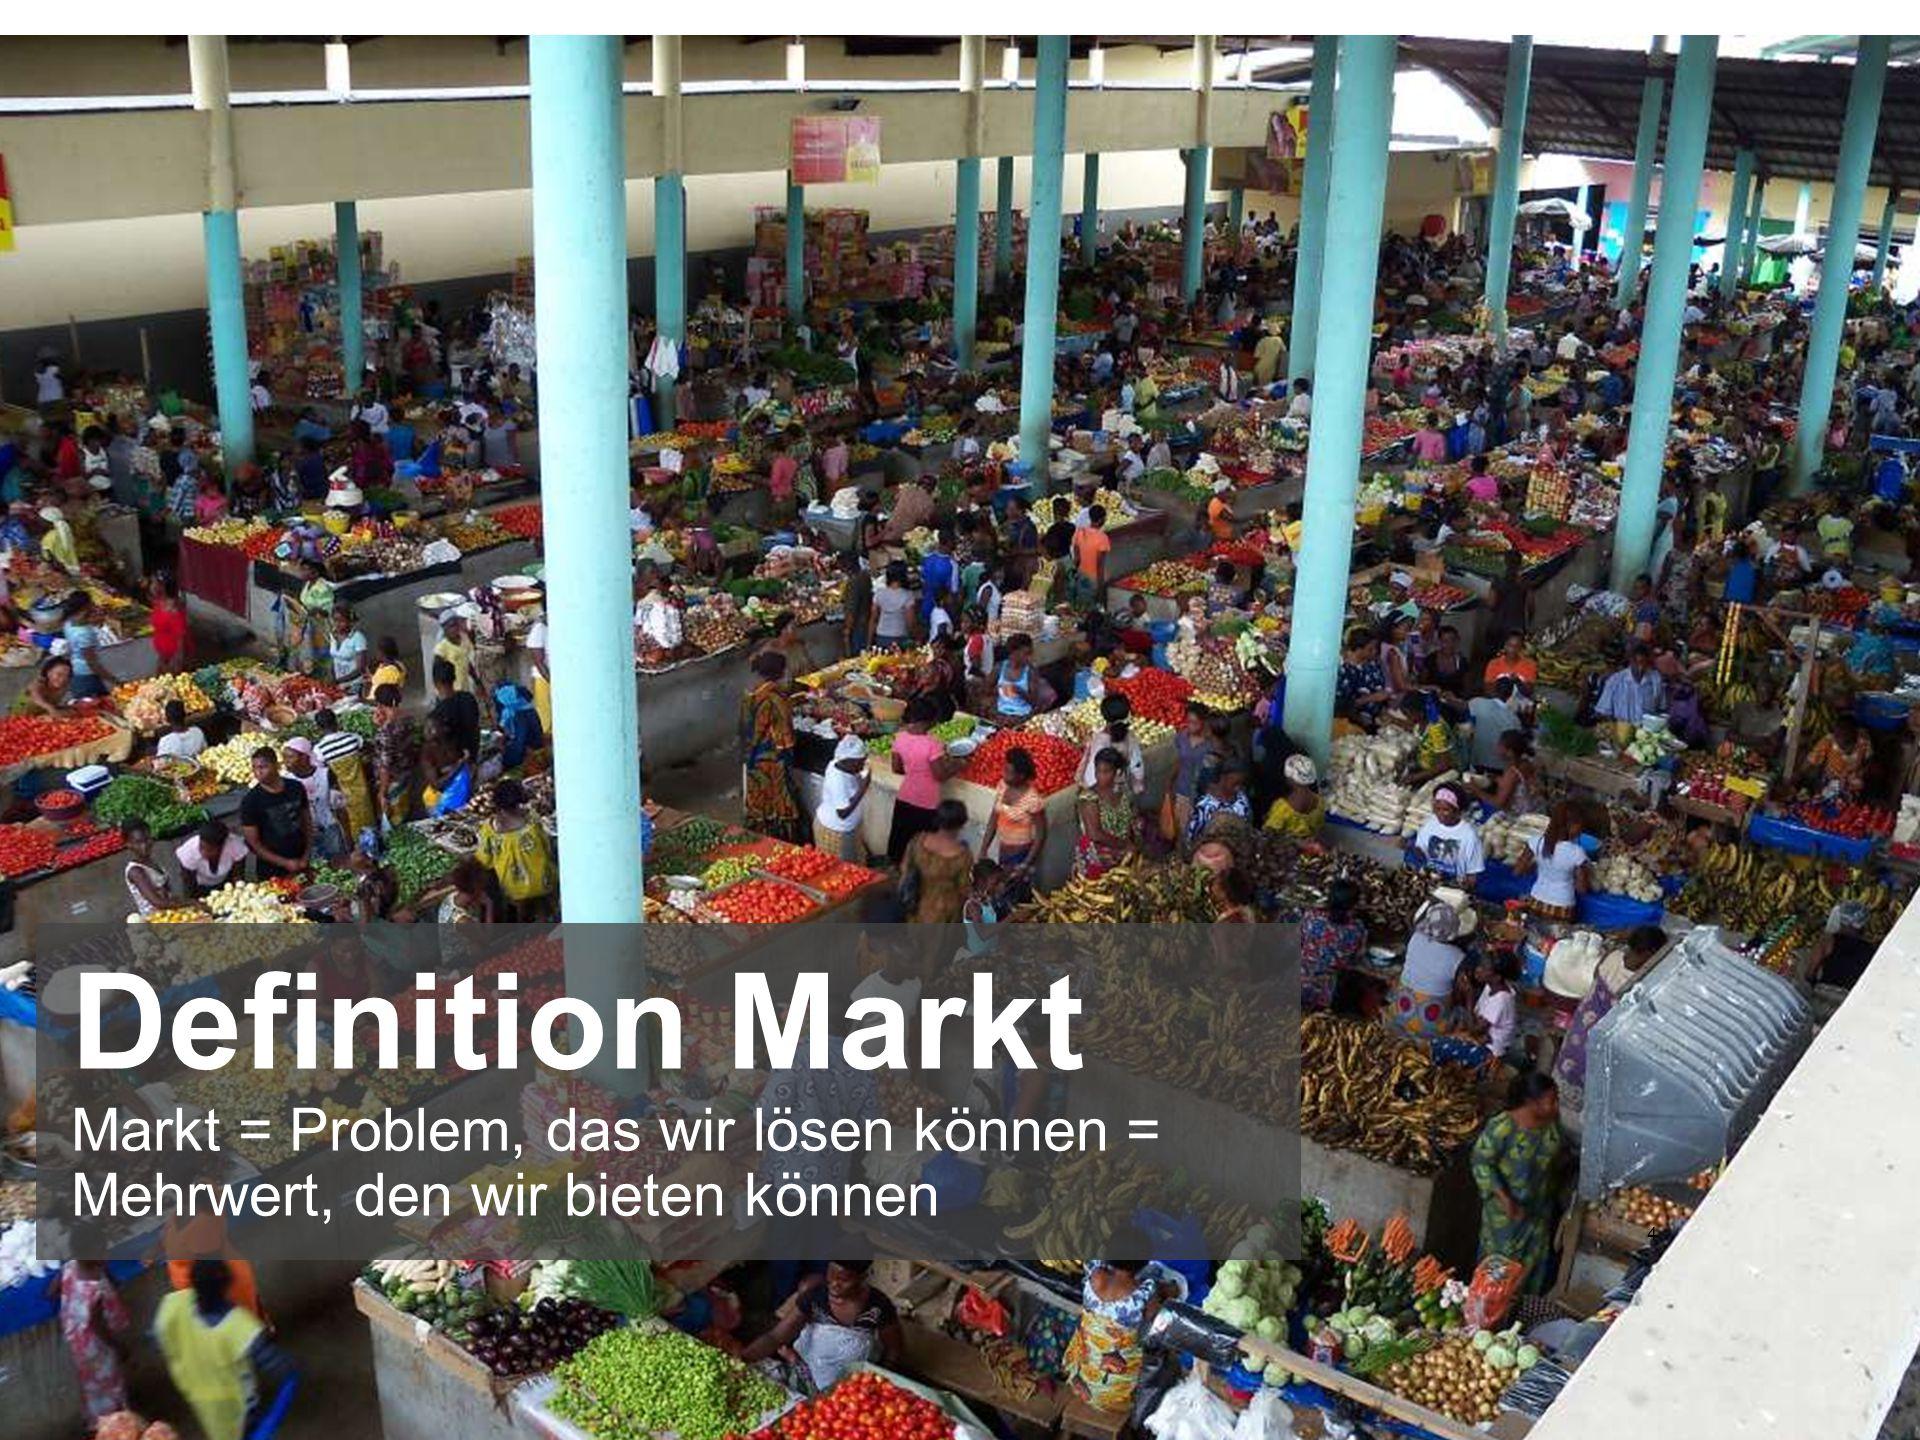 Definition Markt Markt = Problem, das wir lösen können = Mehrwert, den wir bieten können 4